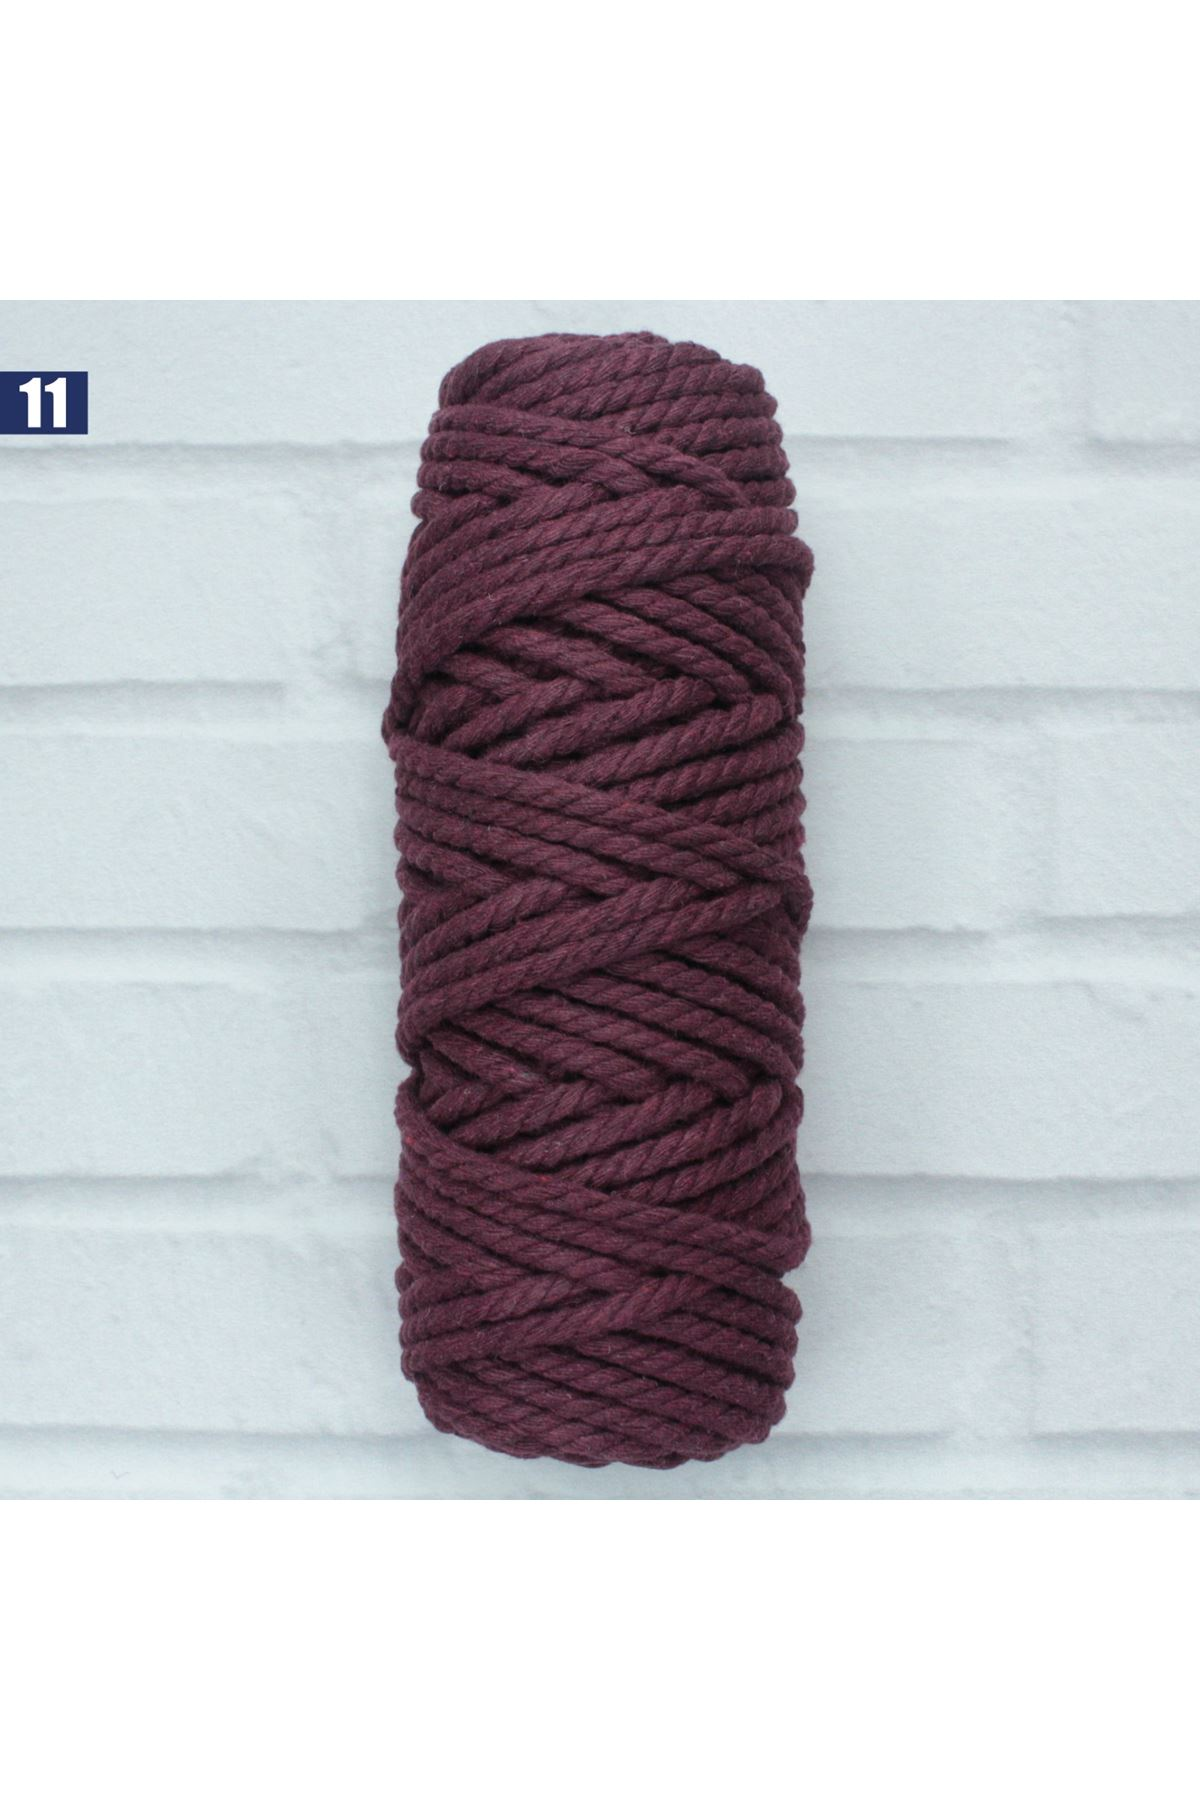 Büklüm Cotton 11